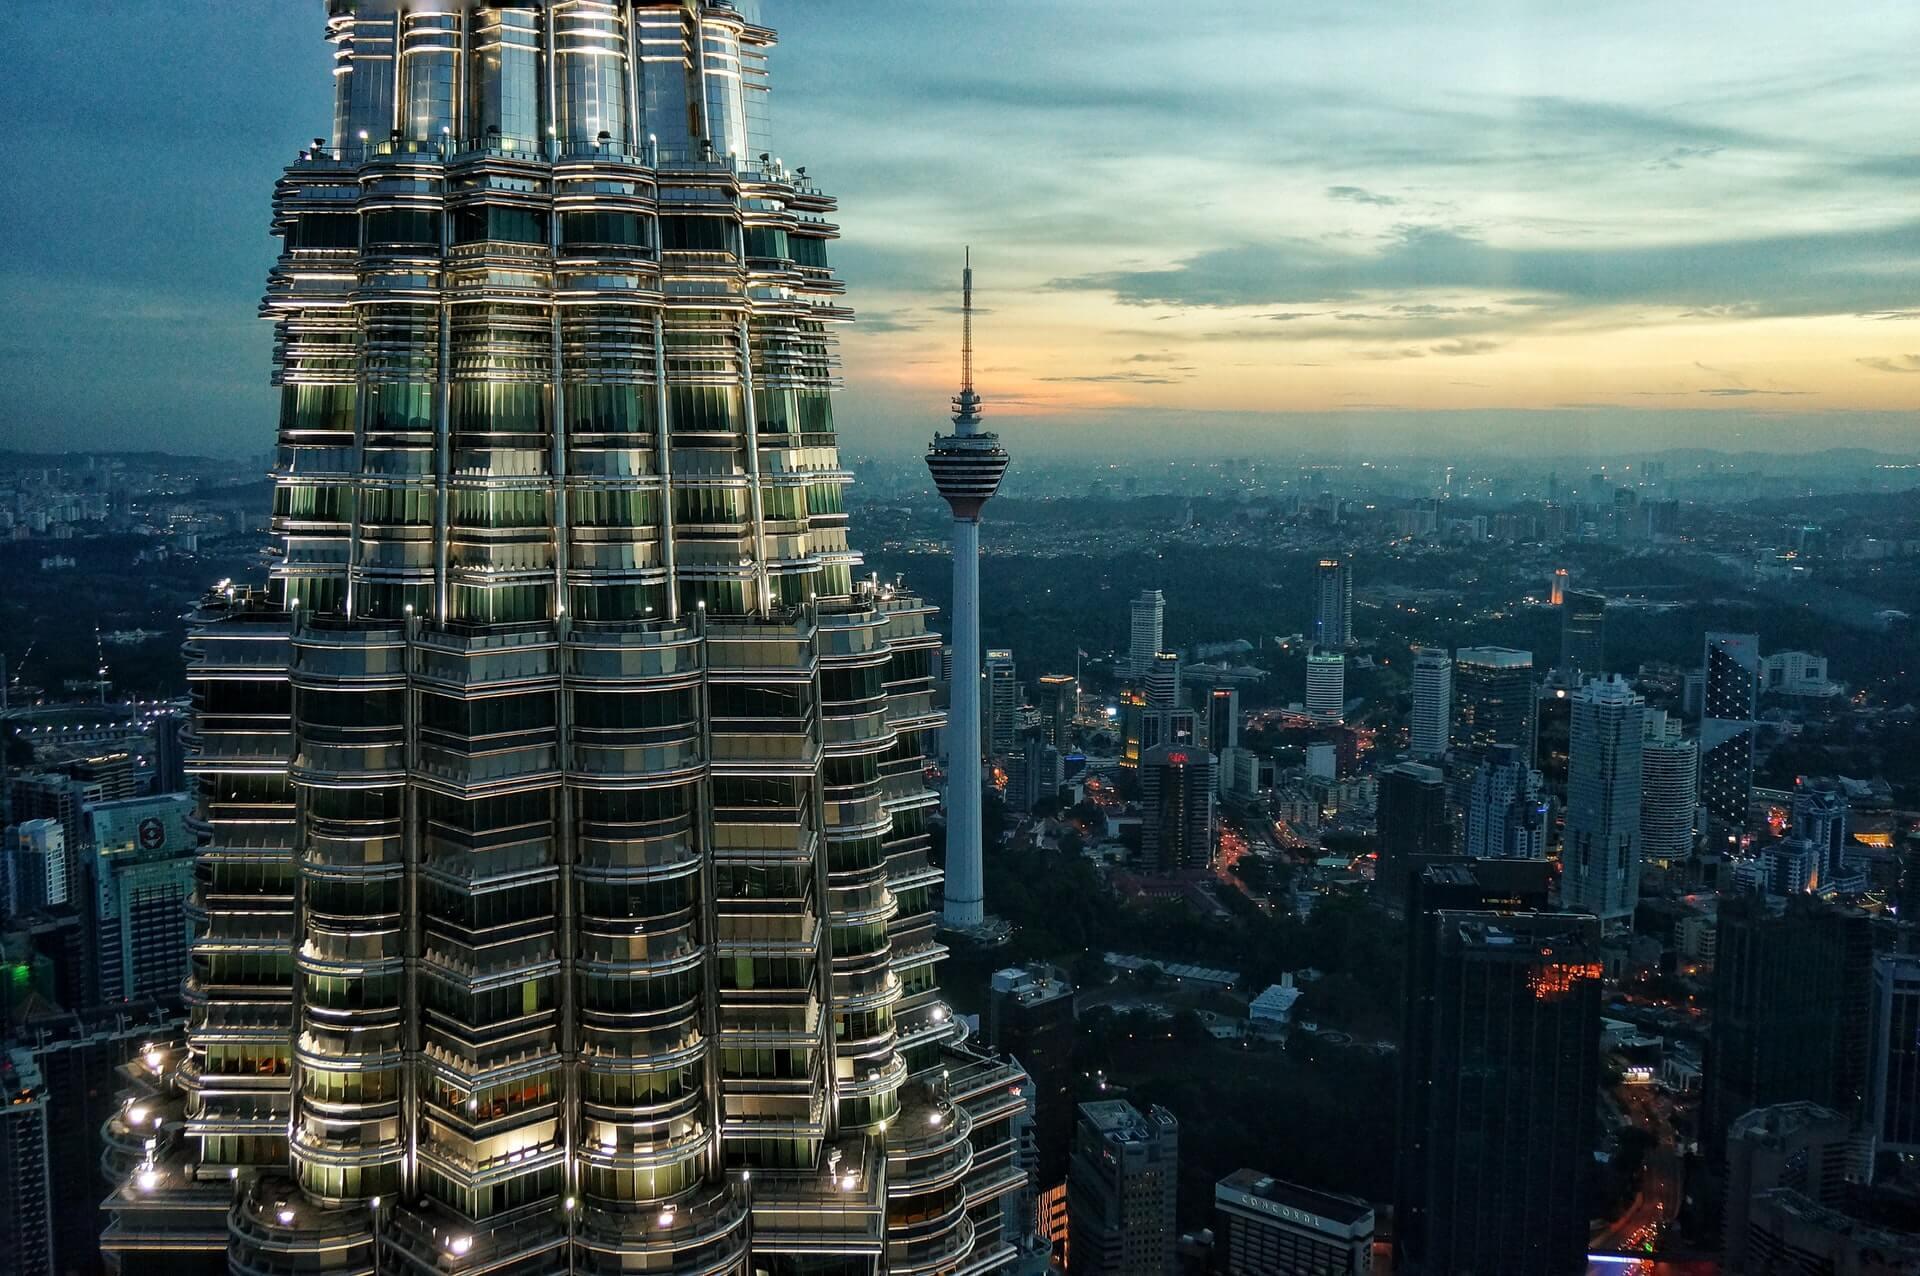 マレーシア クアラルンプール (1)